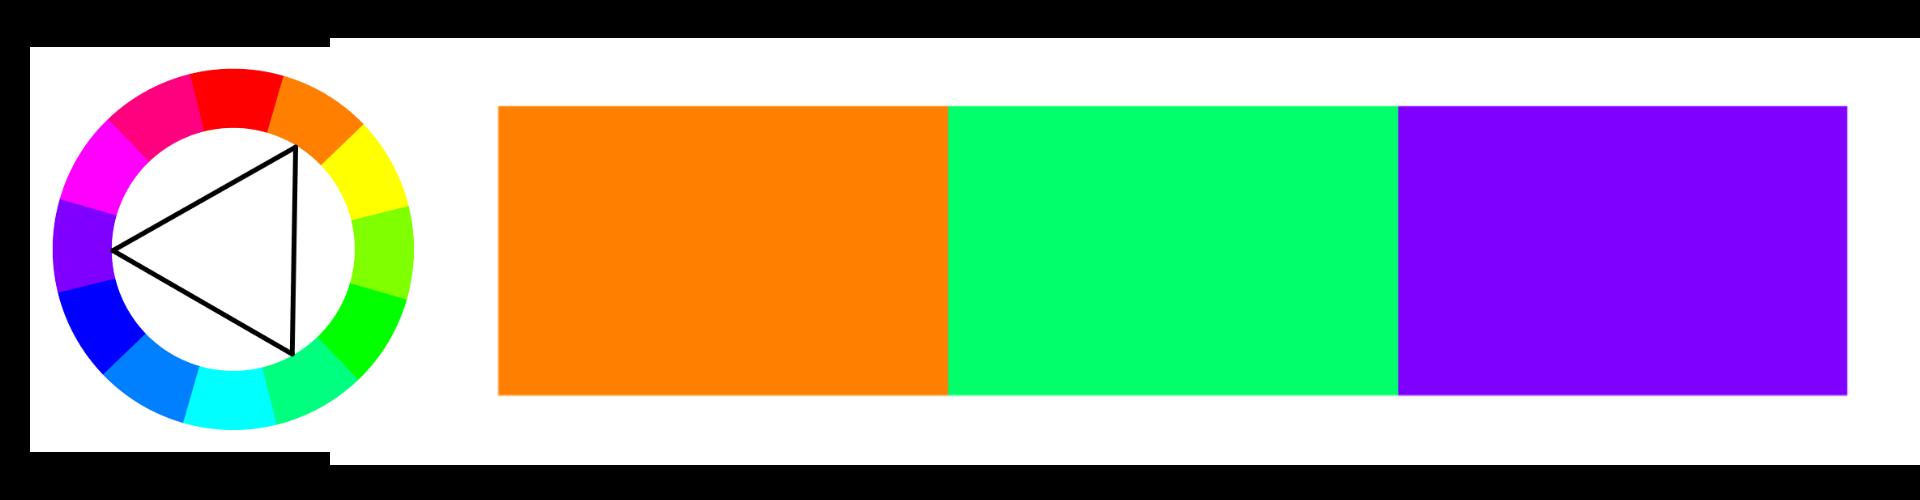 Coloring Schritt-für-Schritt I: Farbtheorie